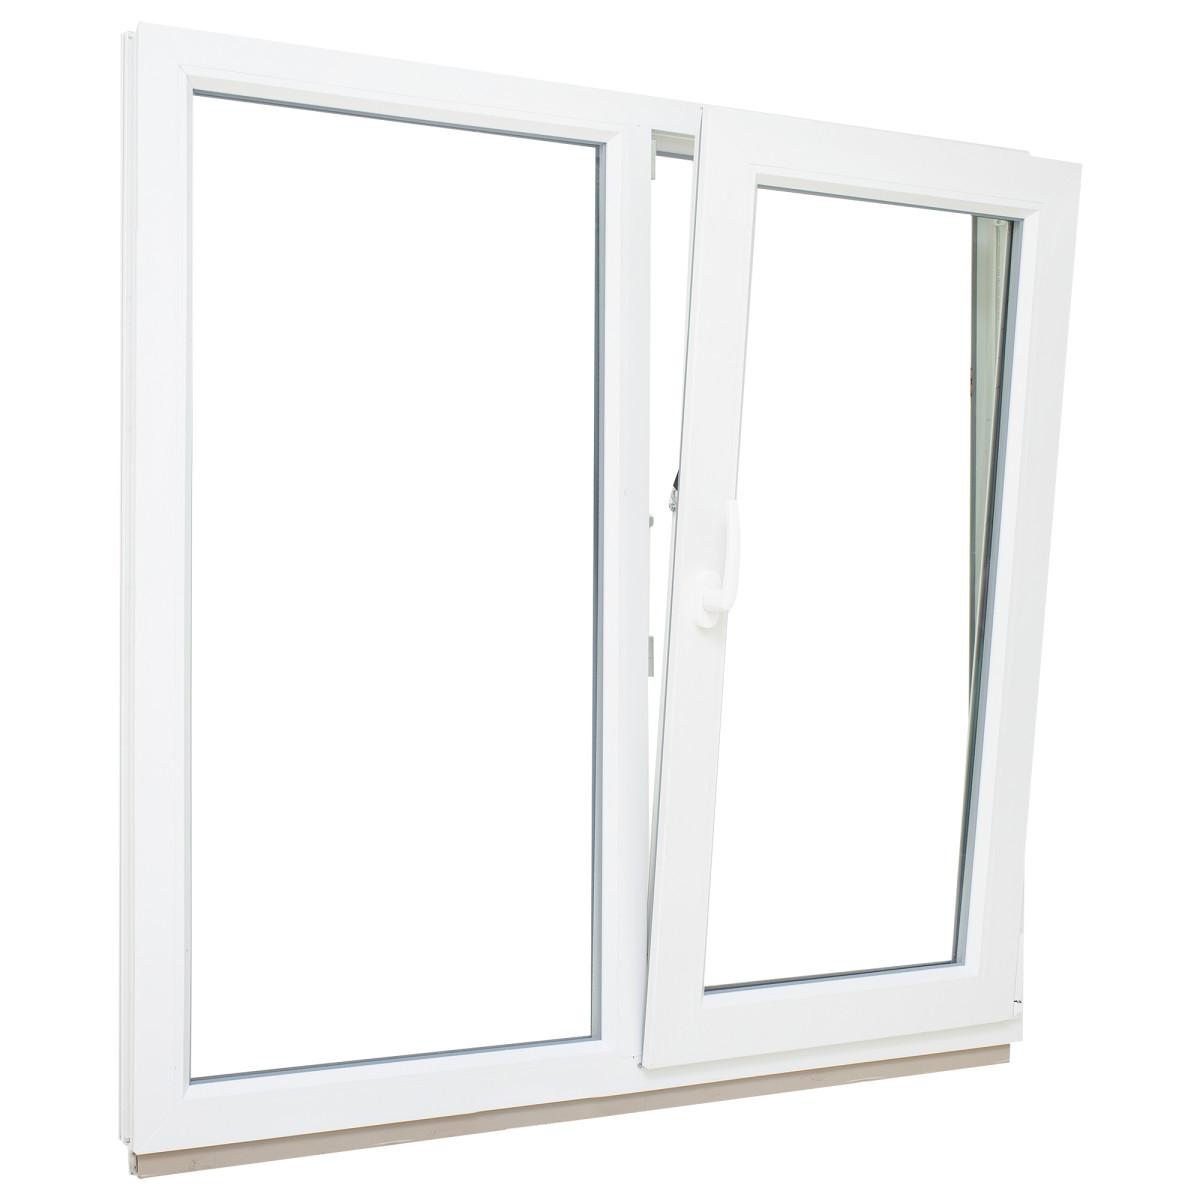 Окно ПВХ двустворчатое 110х100 см глухое/поворотно-откидное правое